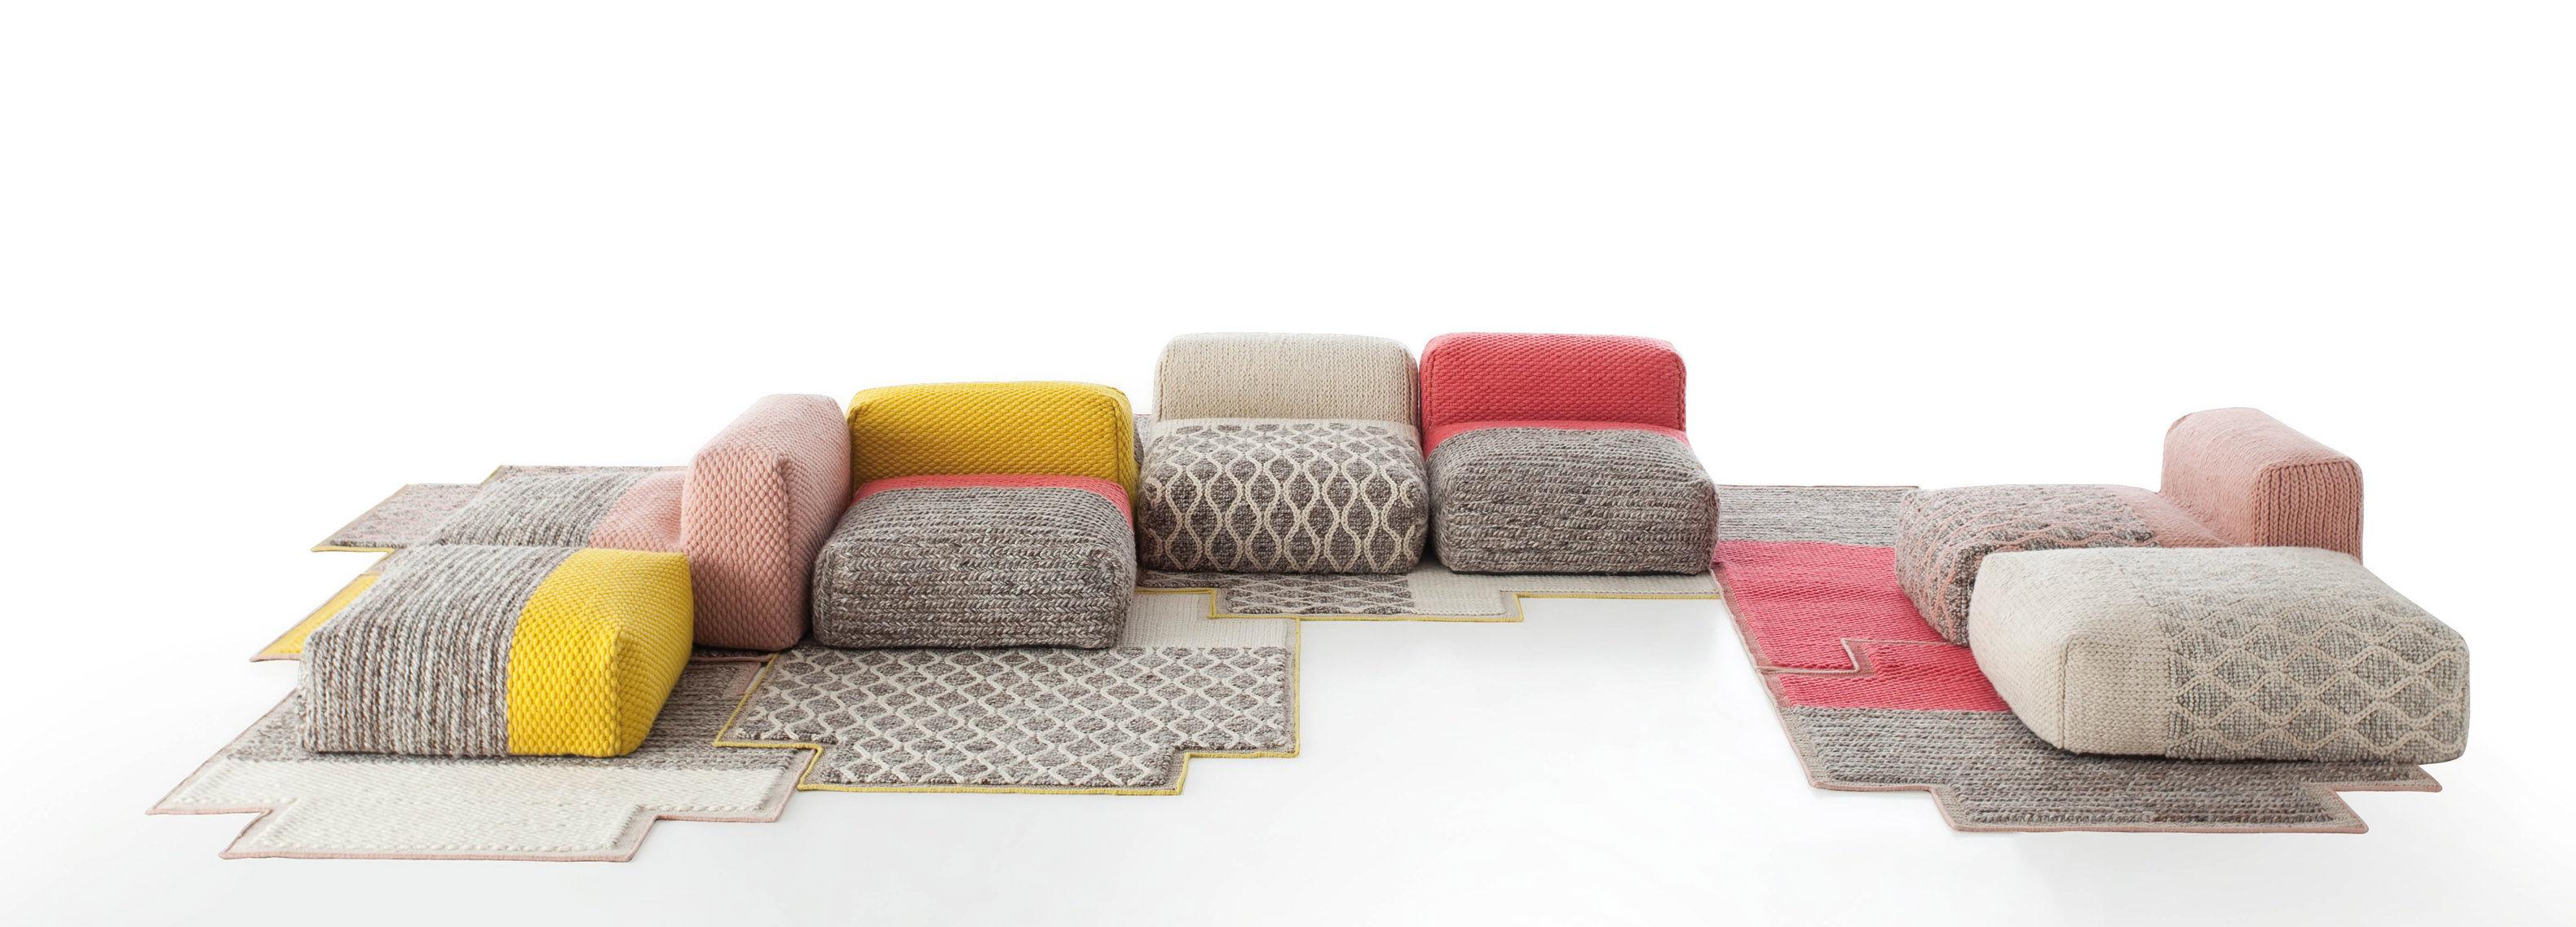 tapis mangas space plait 160 x 160 cm corail gan. Black Bedroom Furniture Sets. Home Design Ideas